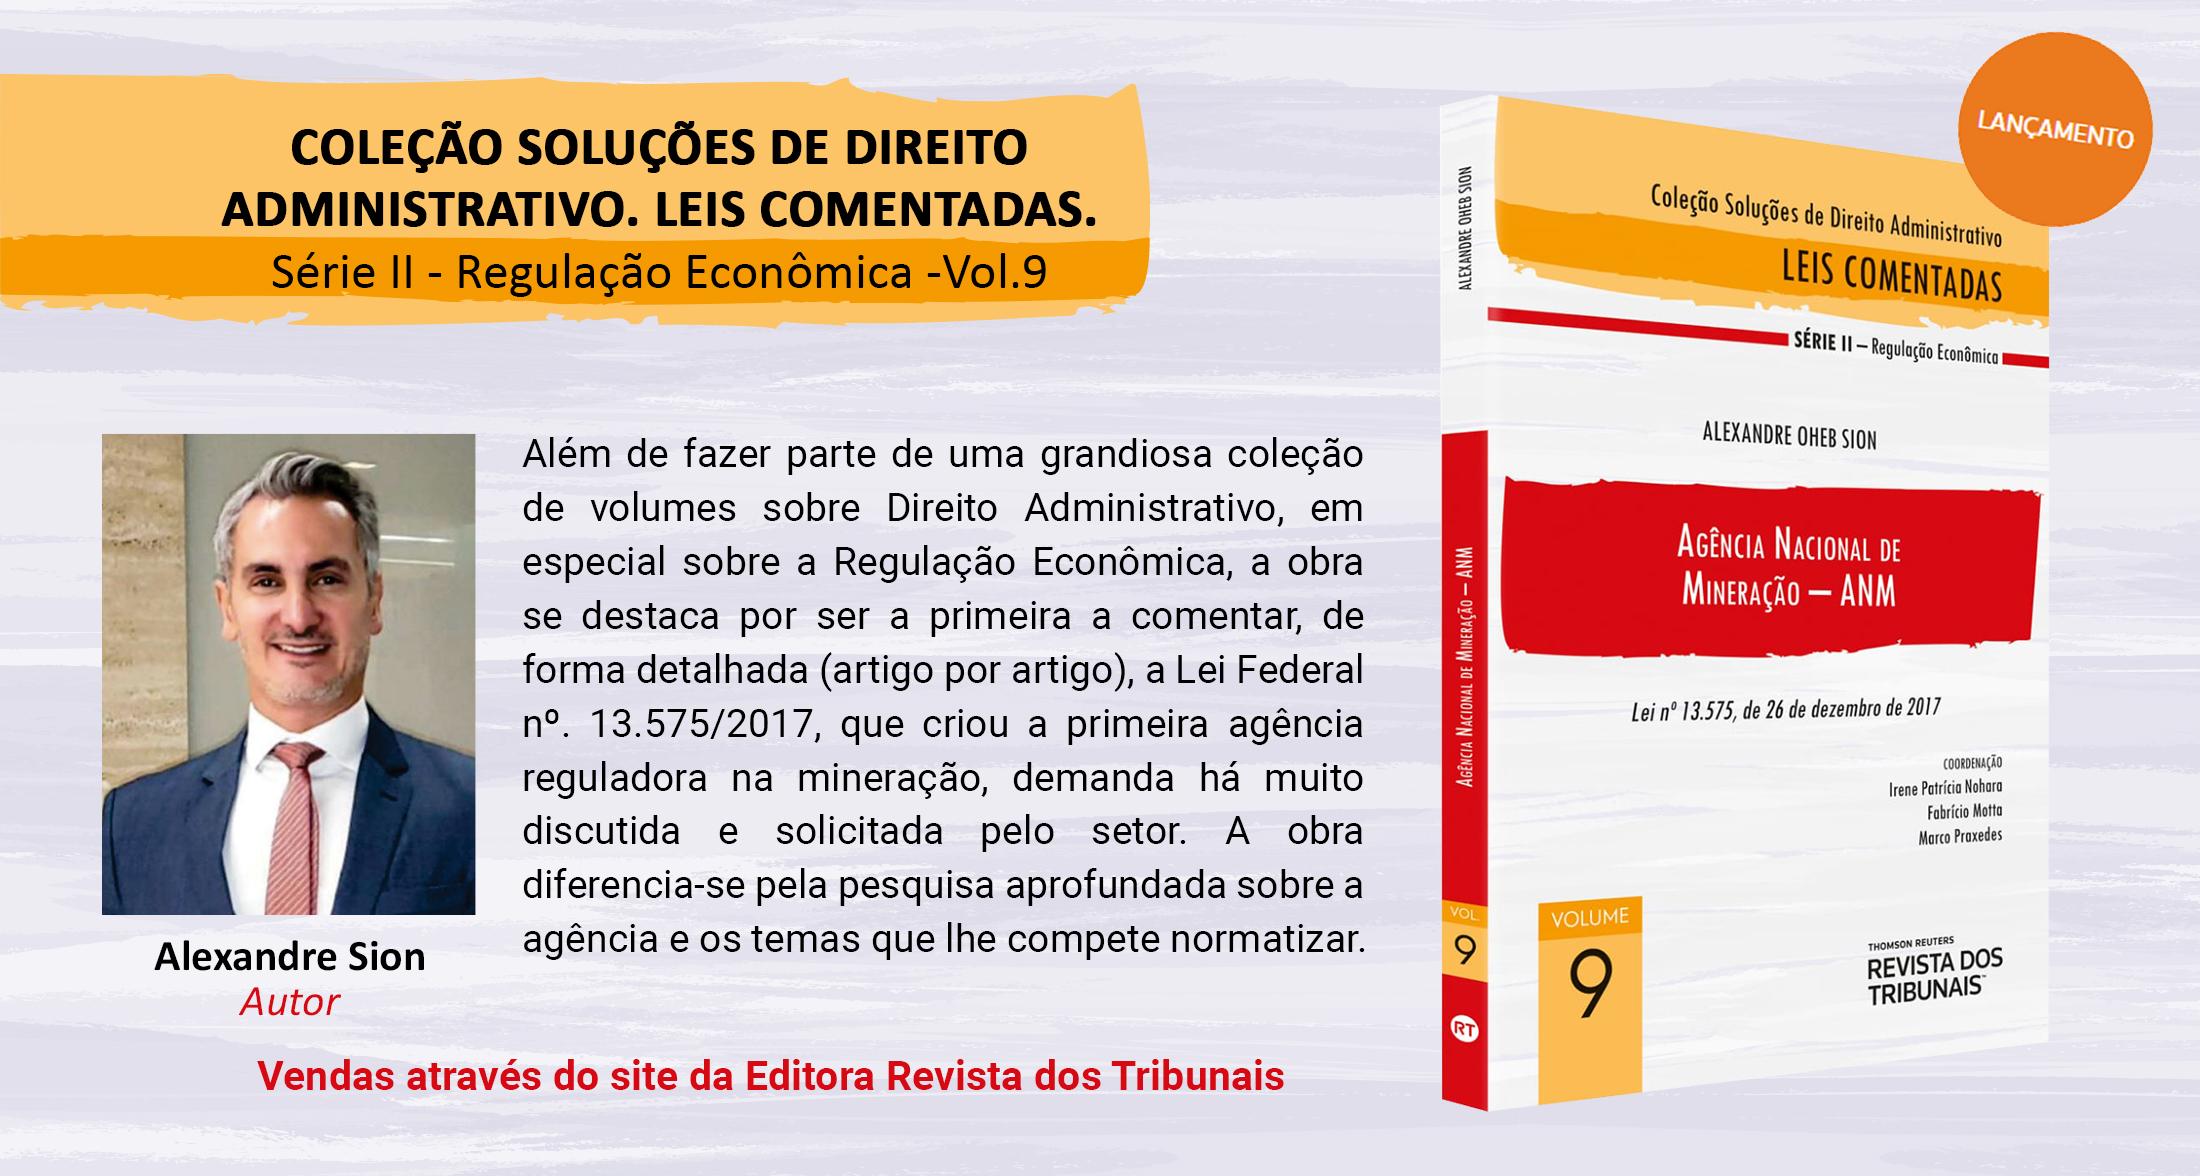 Coleção Soluções de Direito Administrativo. Leis Comentadas. Série II – Regulação Econômica -Vol.9